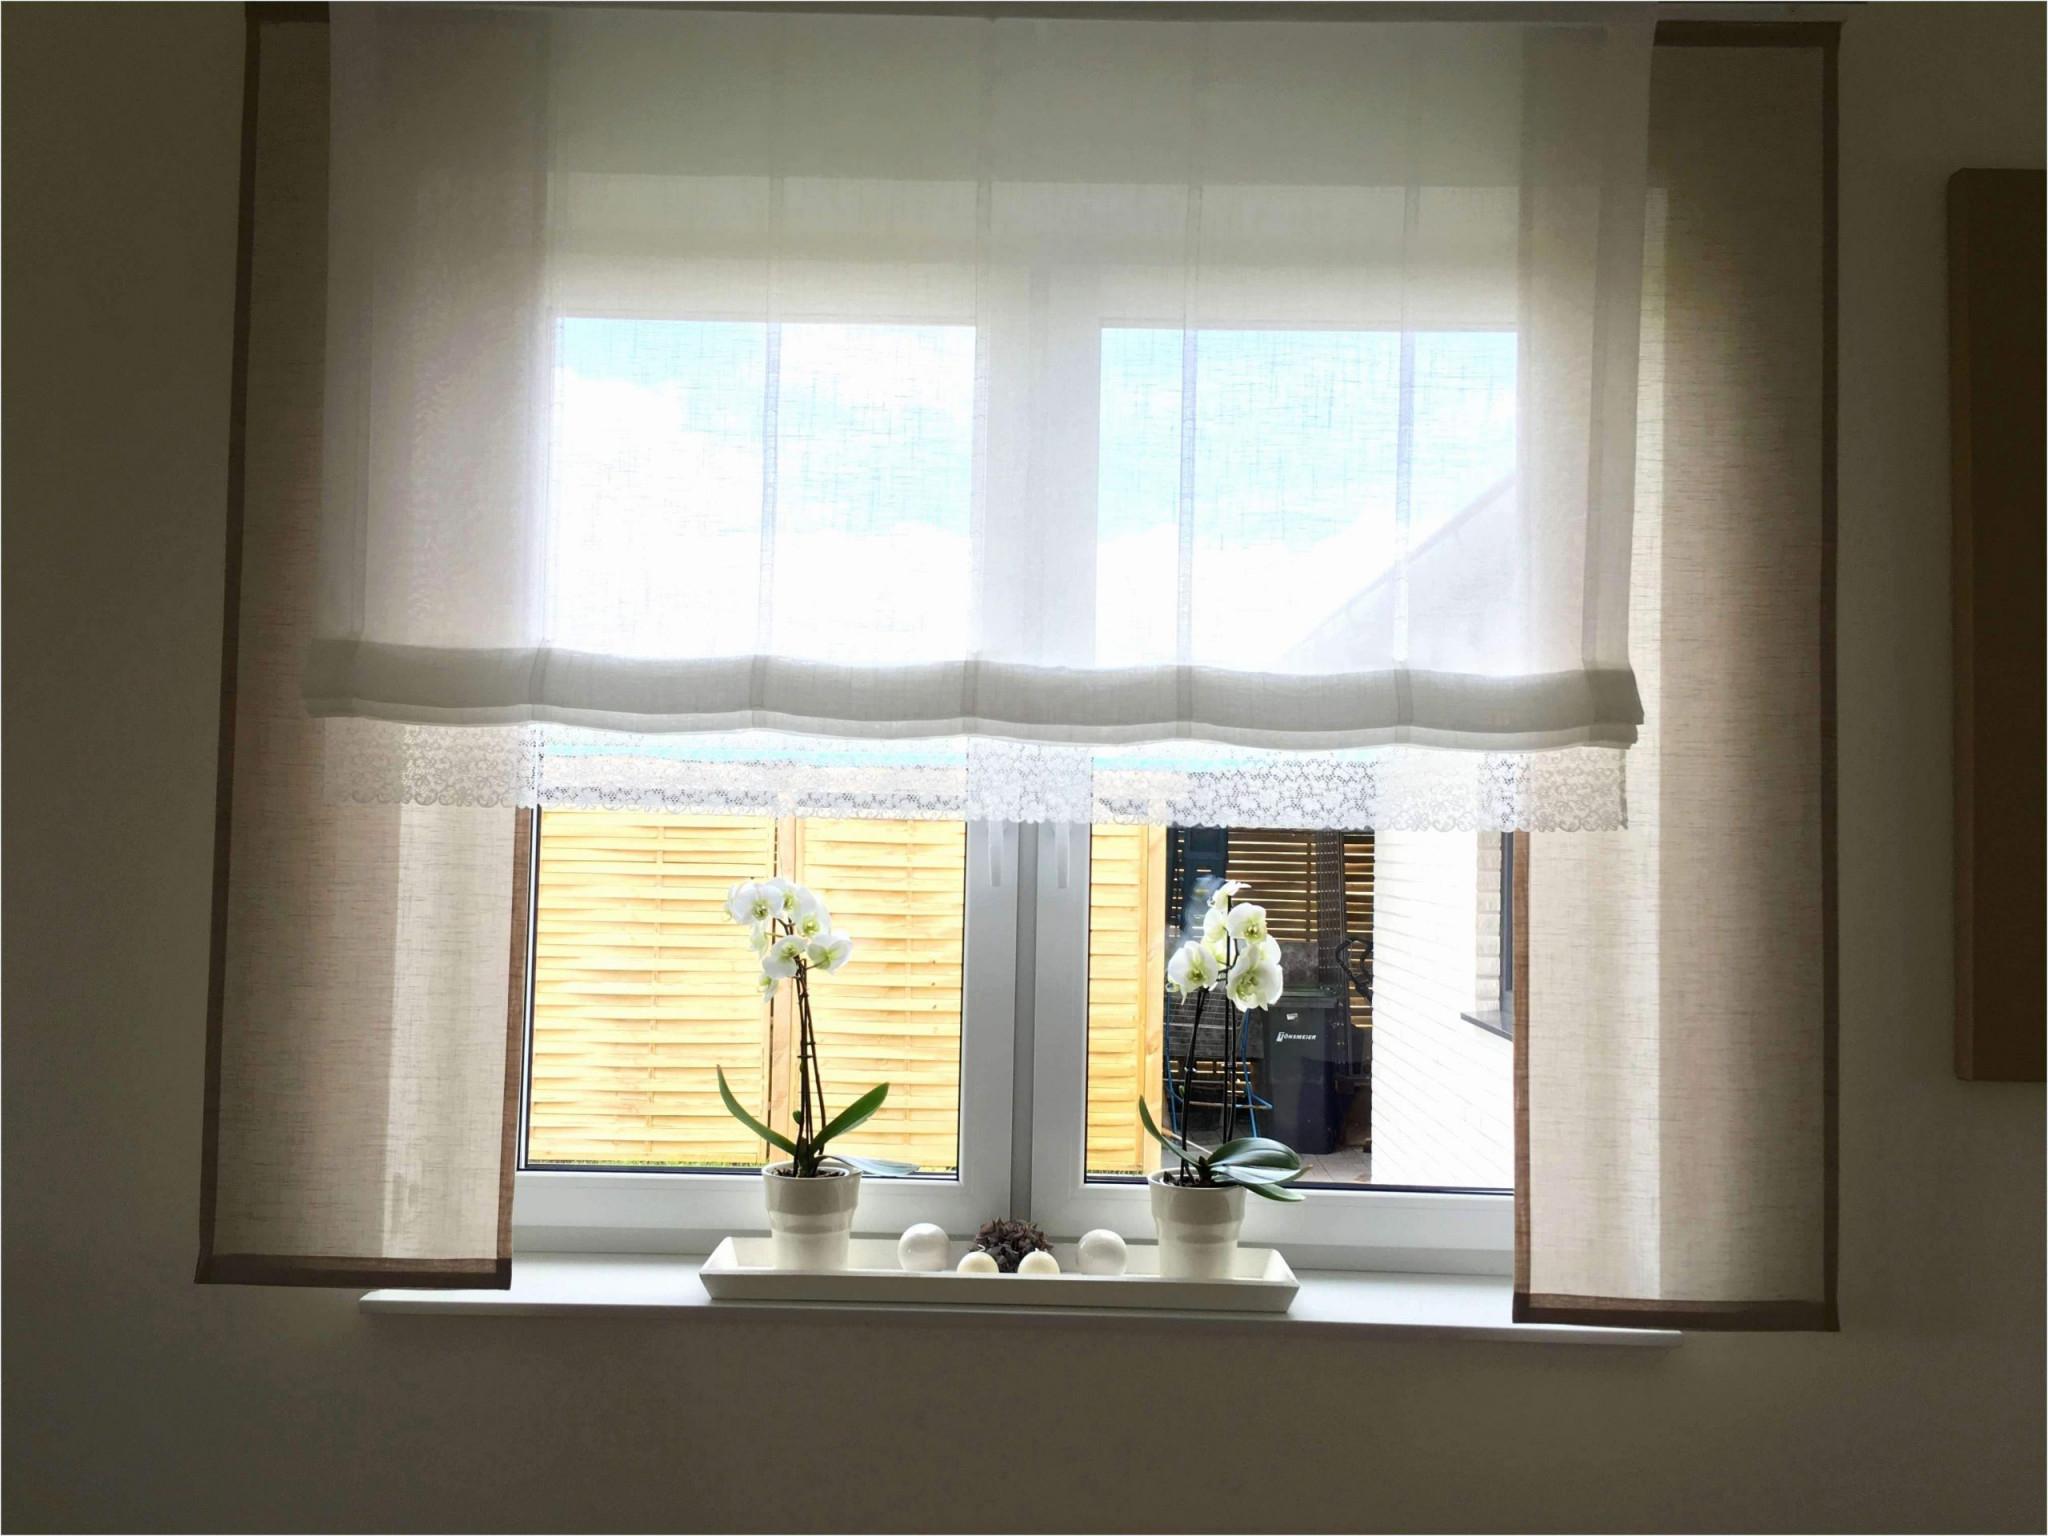 Fenster Gardinen Wohnzimmer Reizend Fenster Gardinen von Wohnzimmer Fenster Gardinen Bild